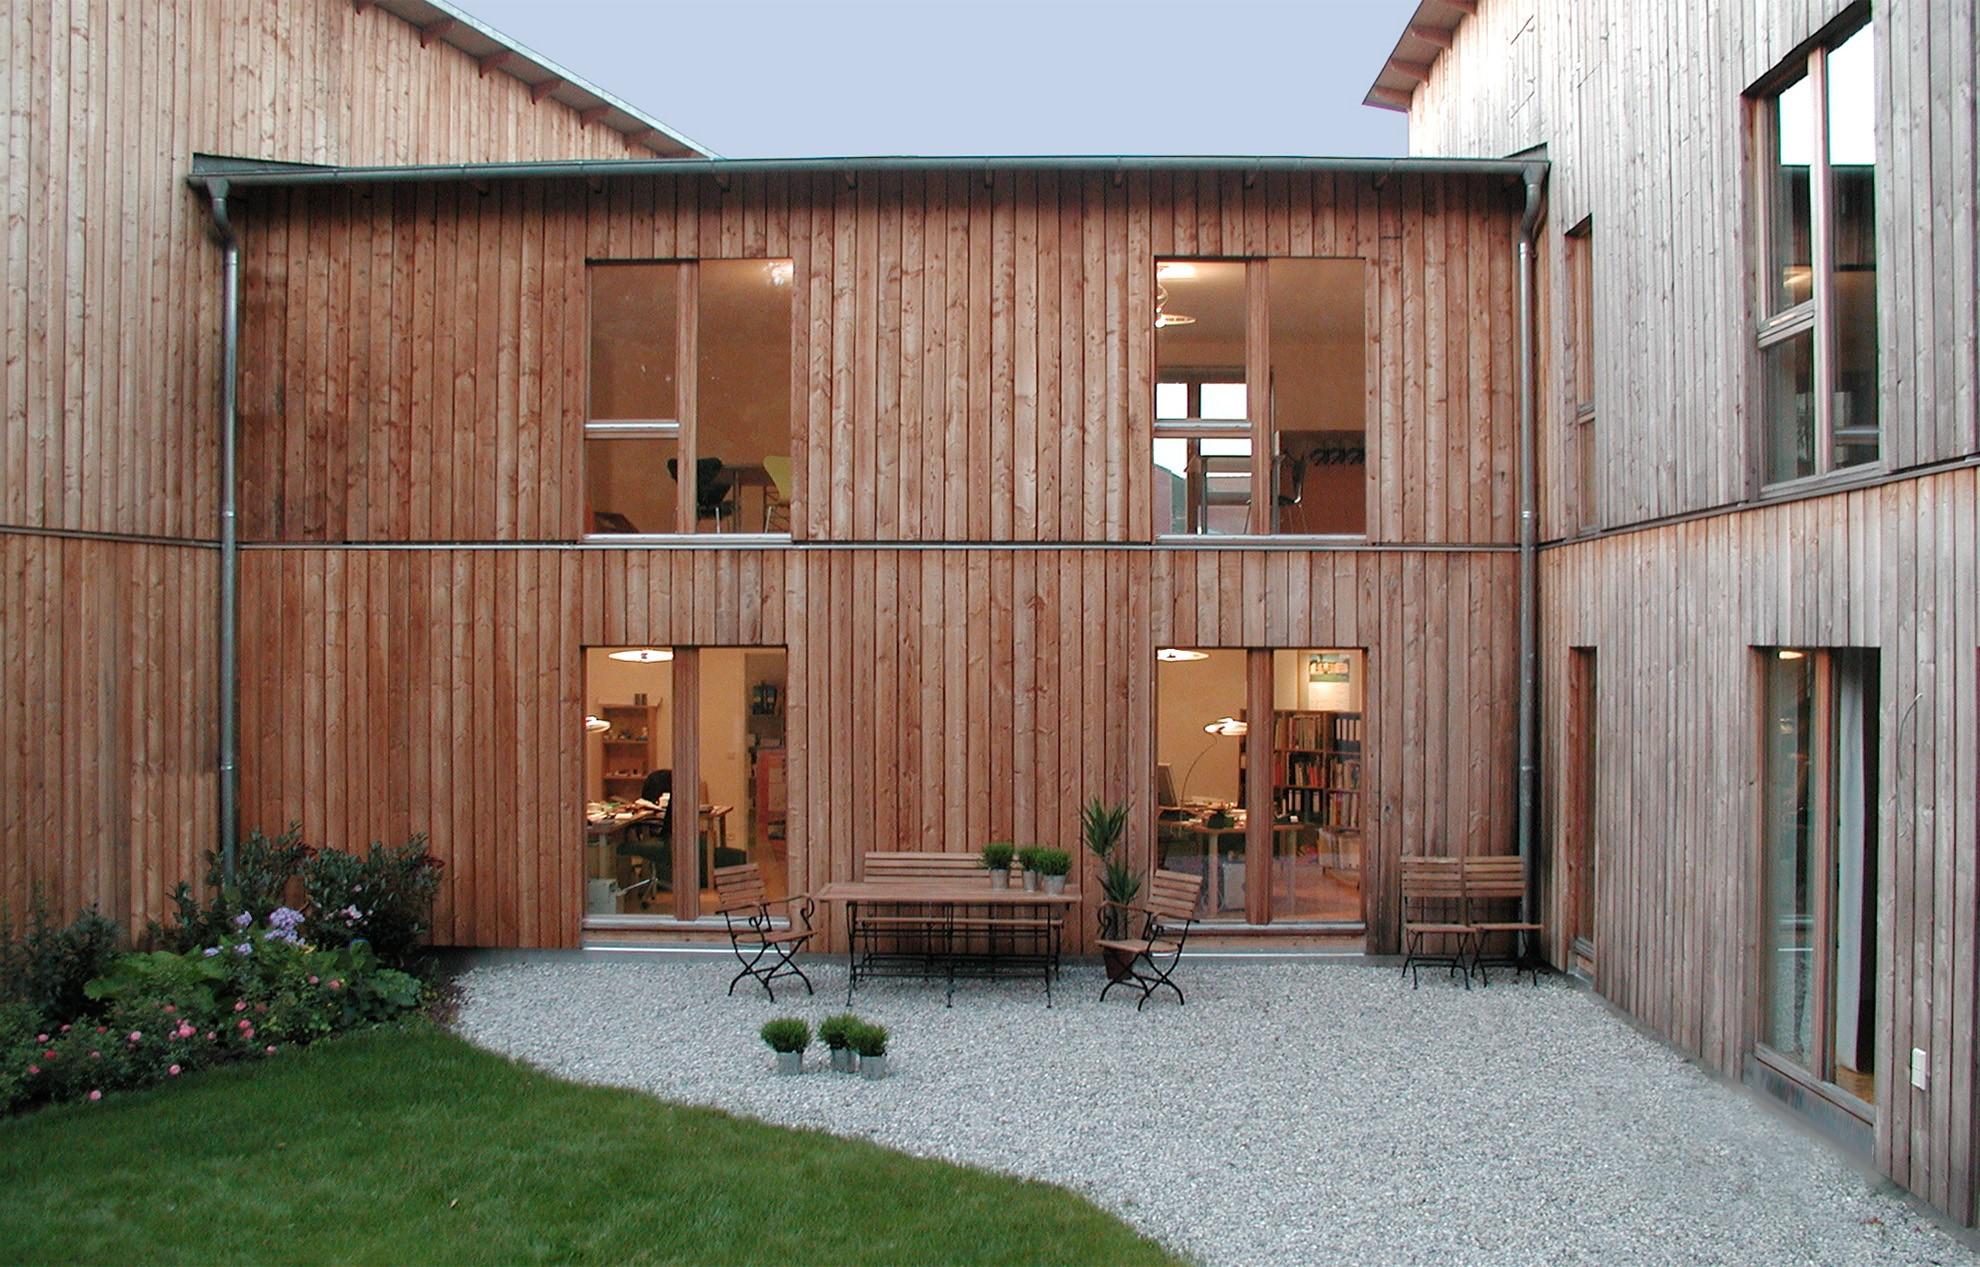 Innenarchitektur für Häuser und Wohnungen in München: Aktuelle Projekte